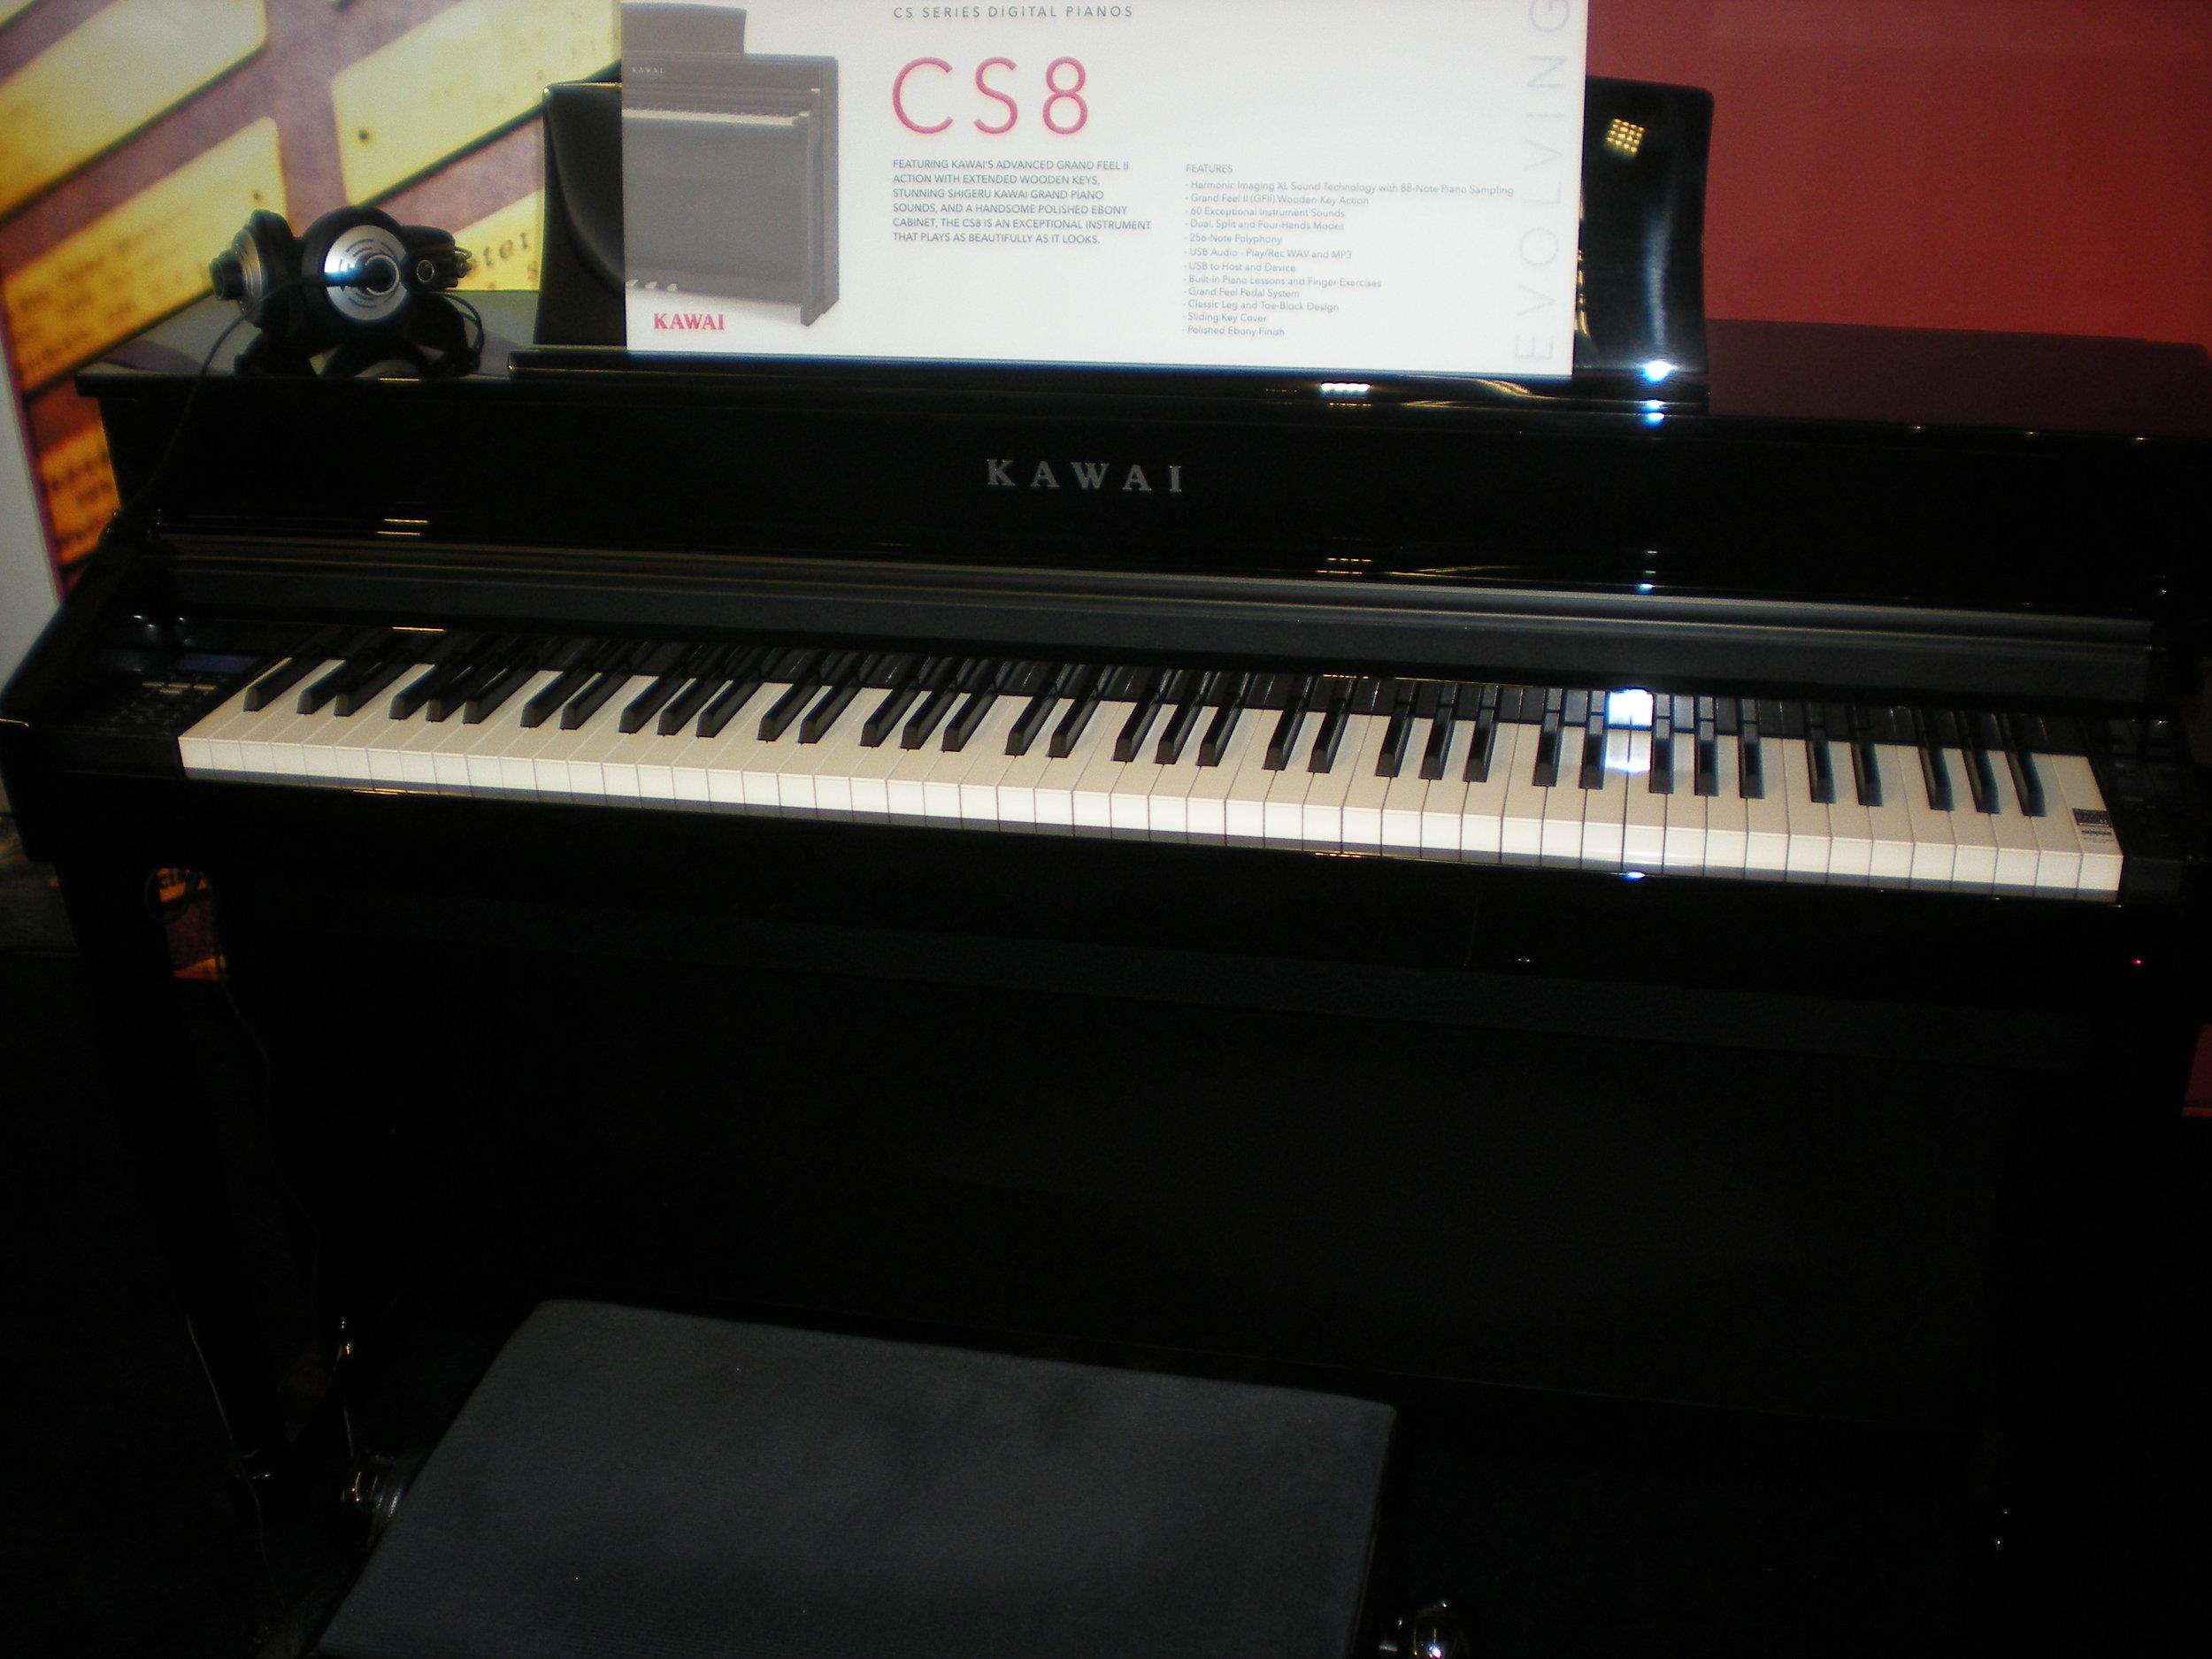 Kawai CS8